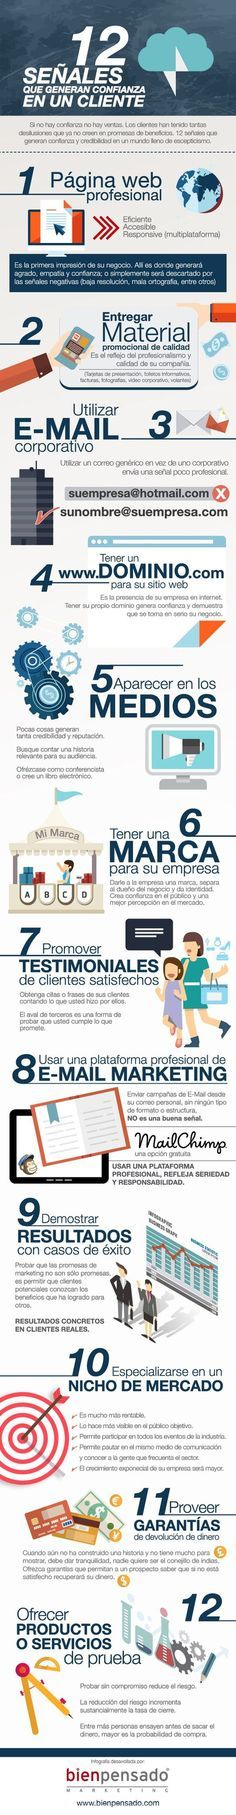 Uno de los objetivos de tus estrategias de marketing debe ser generar confianza en los clientes, para que se traduzca en ventas, te enseñamos cómo hacerlo.